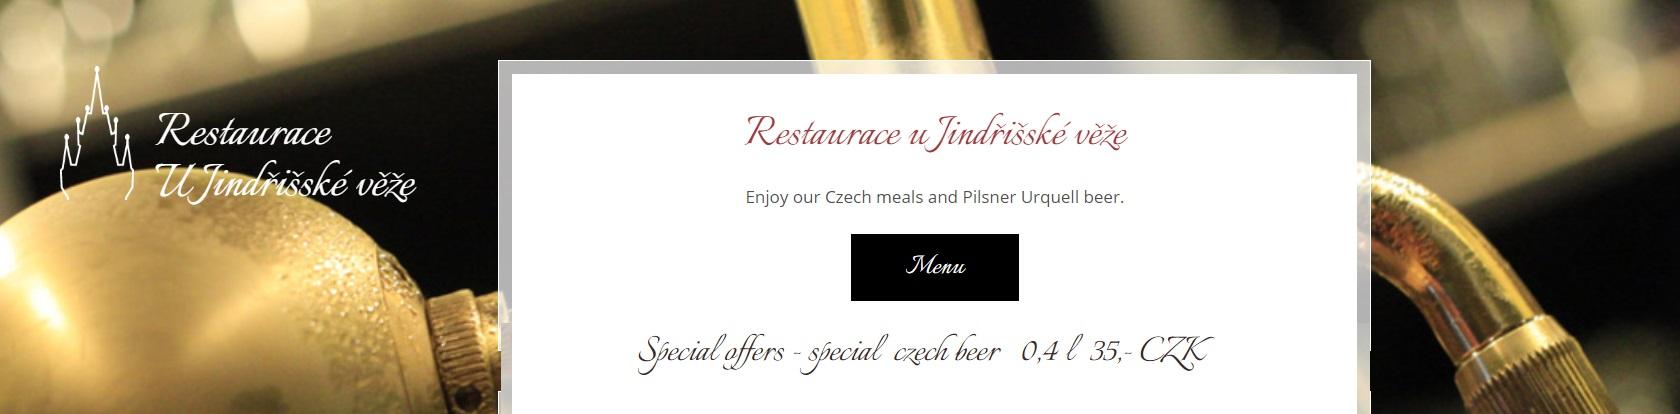 u-jindrisske-veze-restaurant-prague